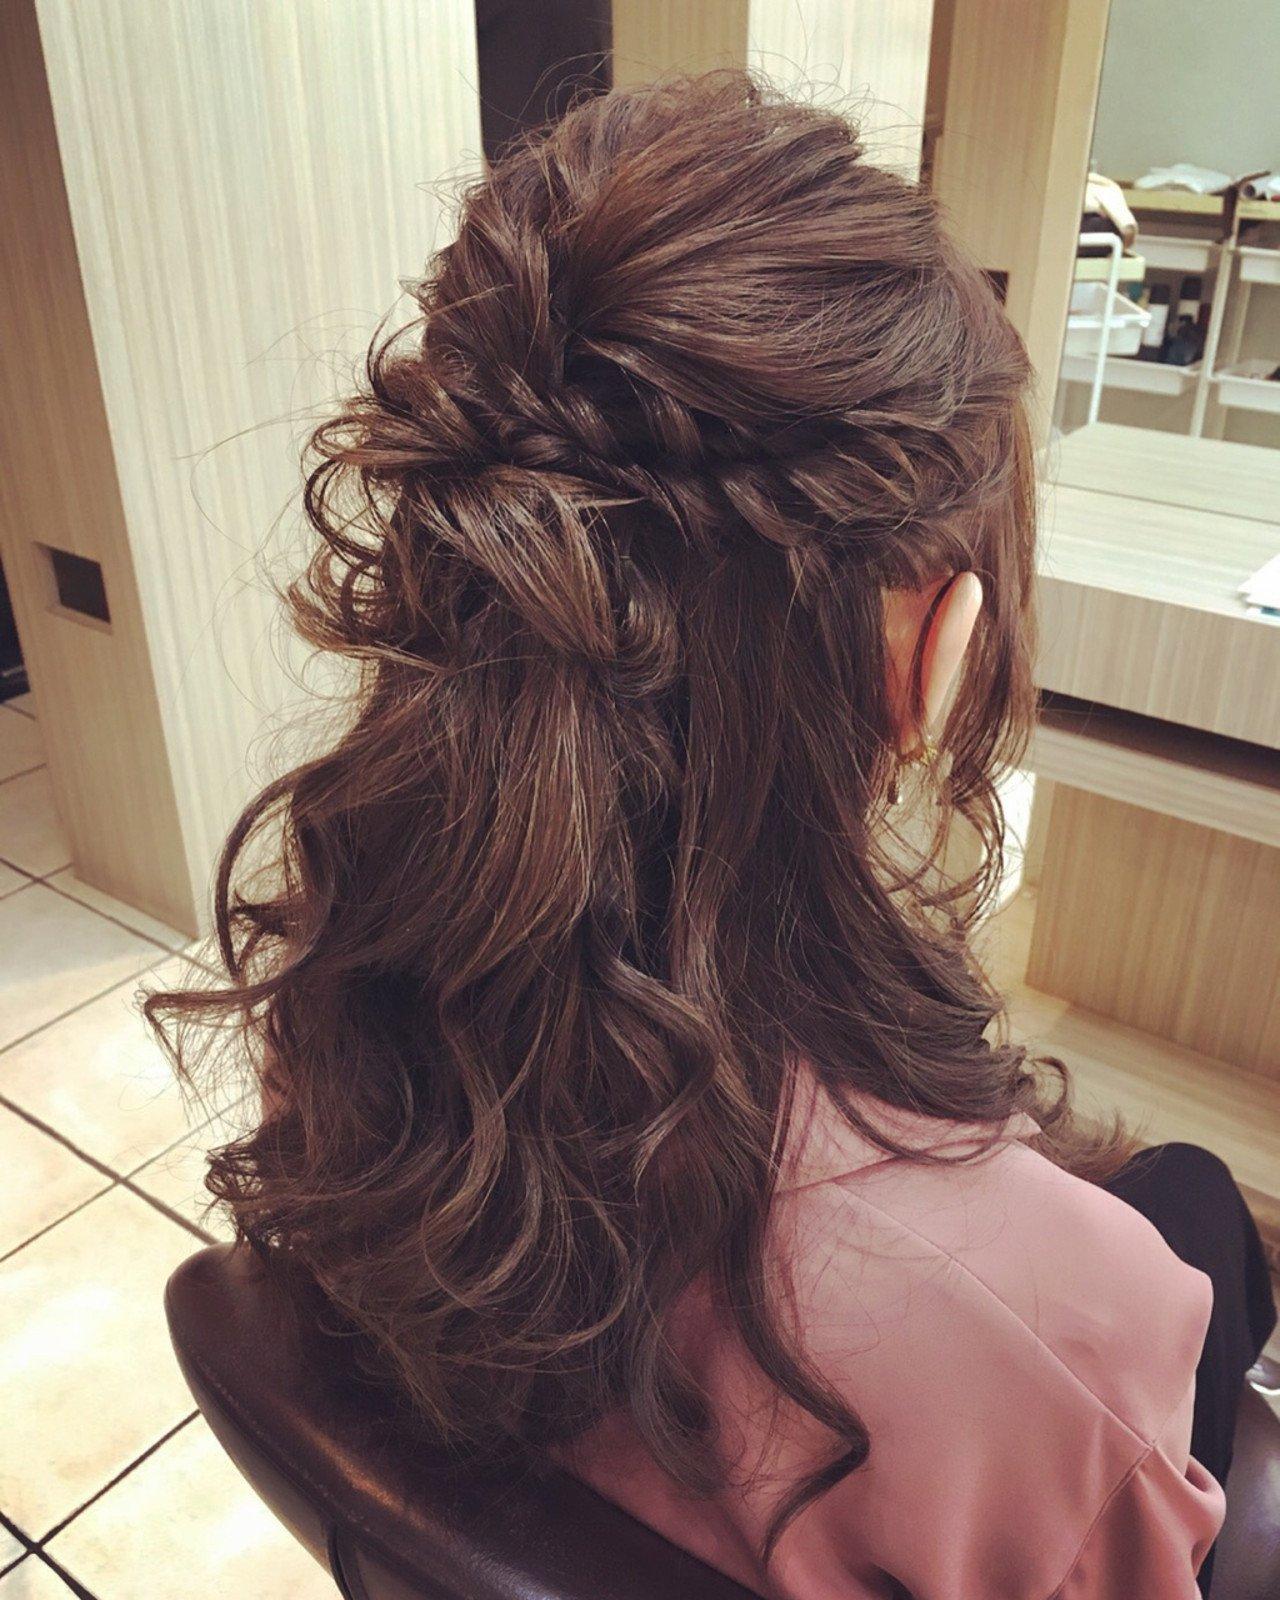 掌握捲髮技巧,讓髮型更升一級